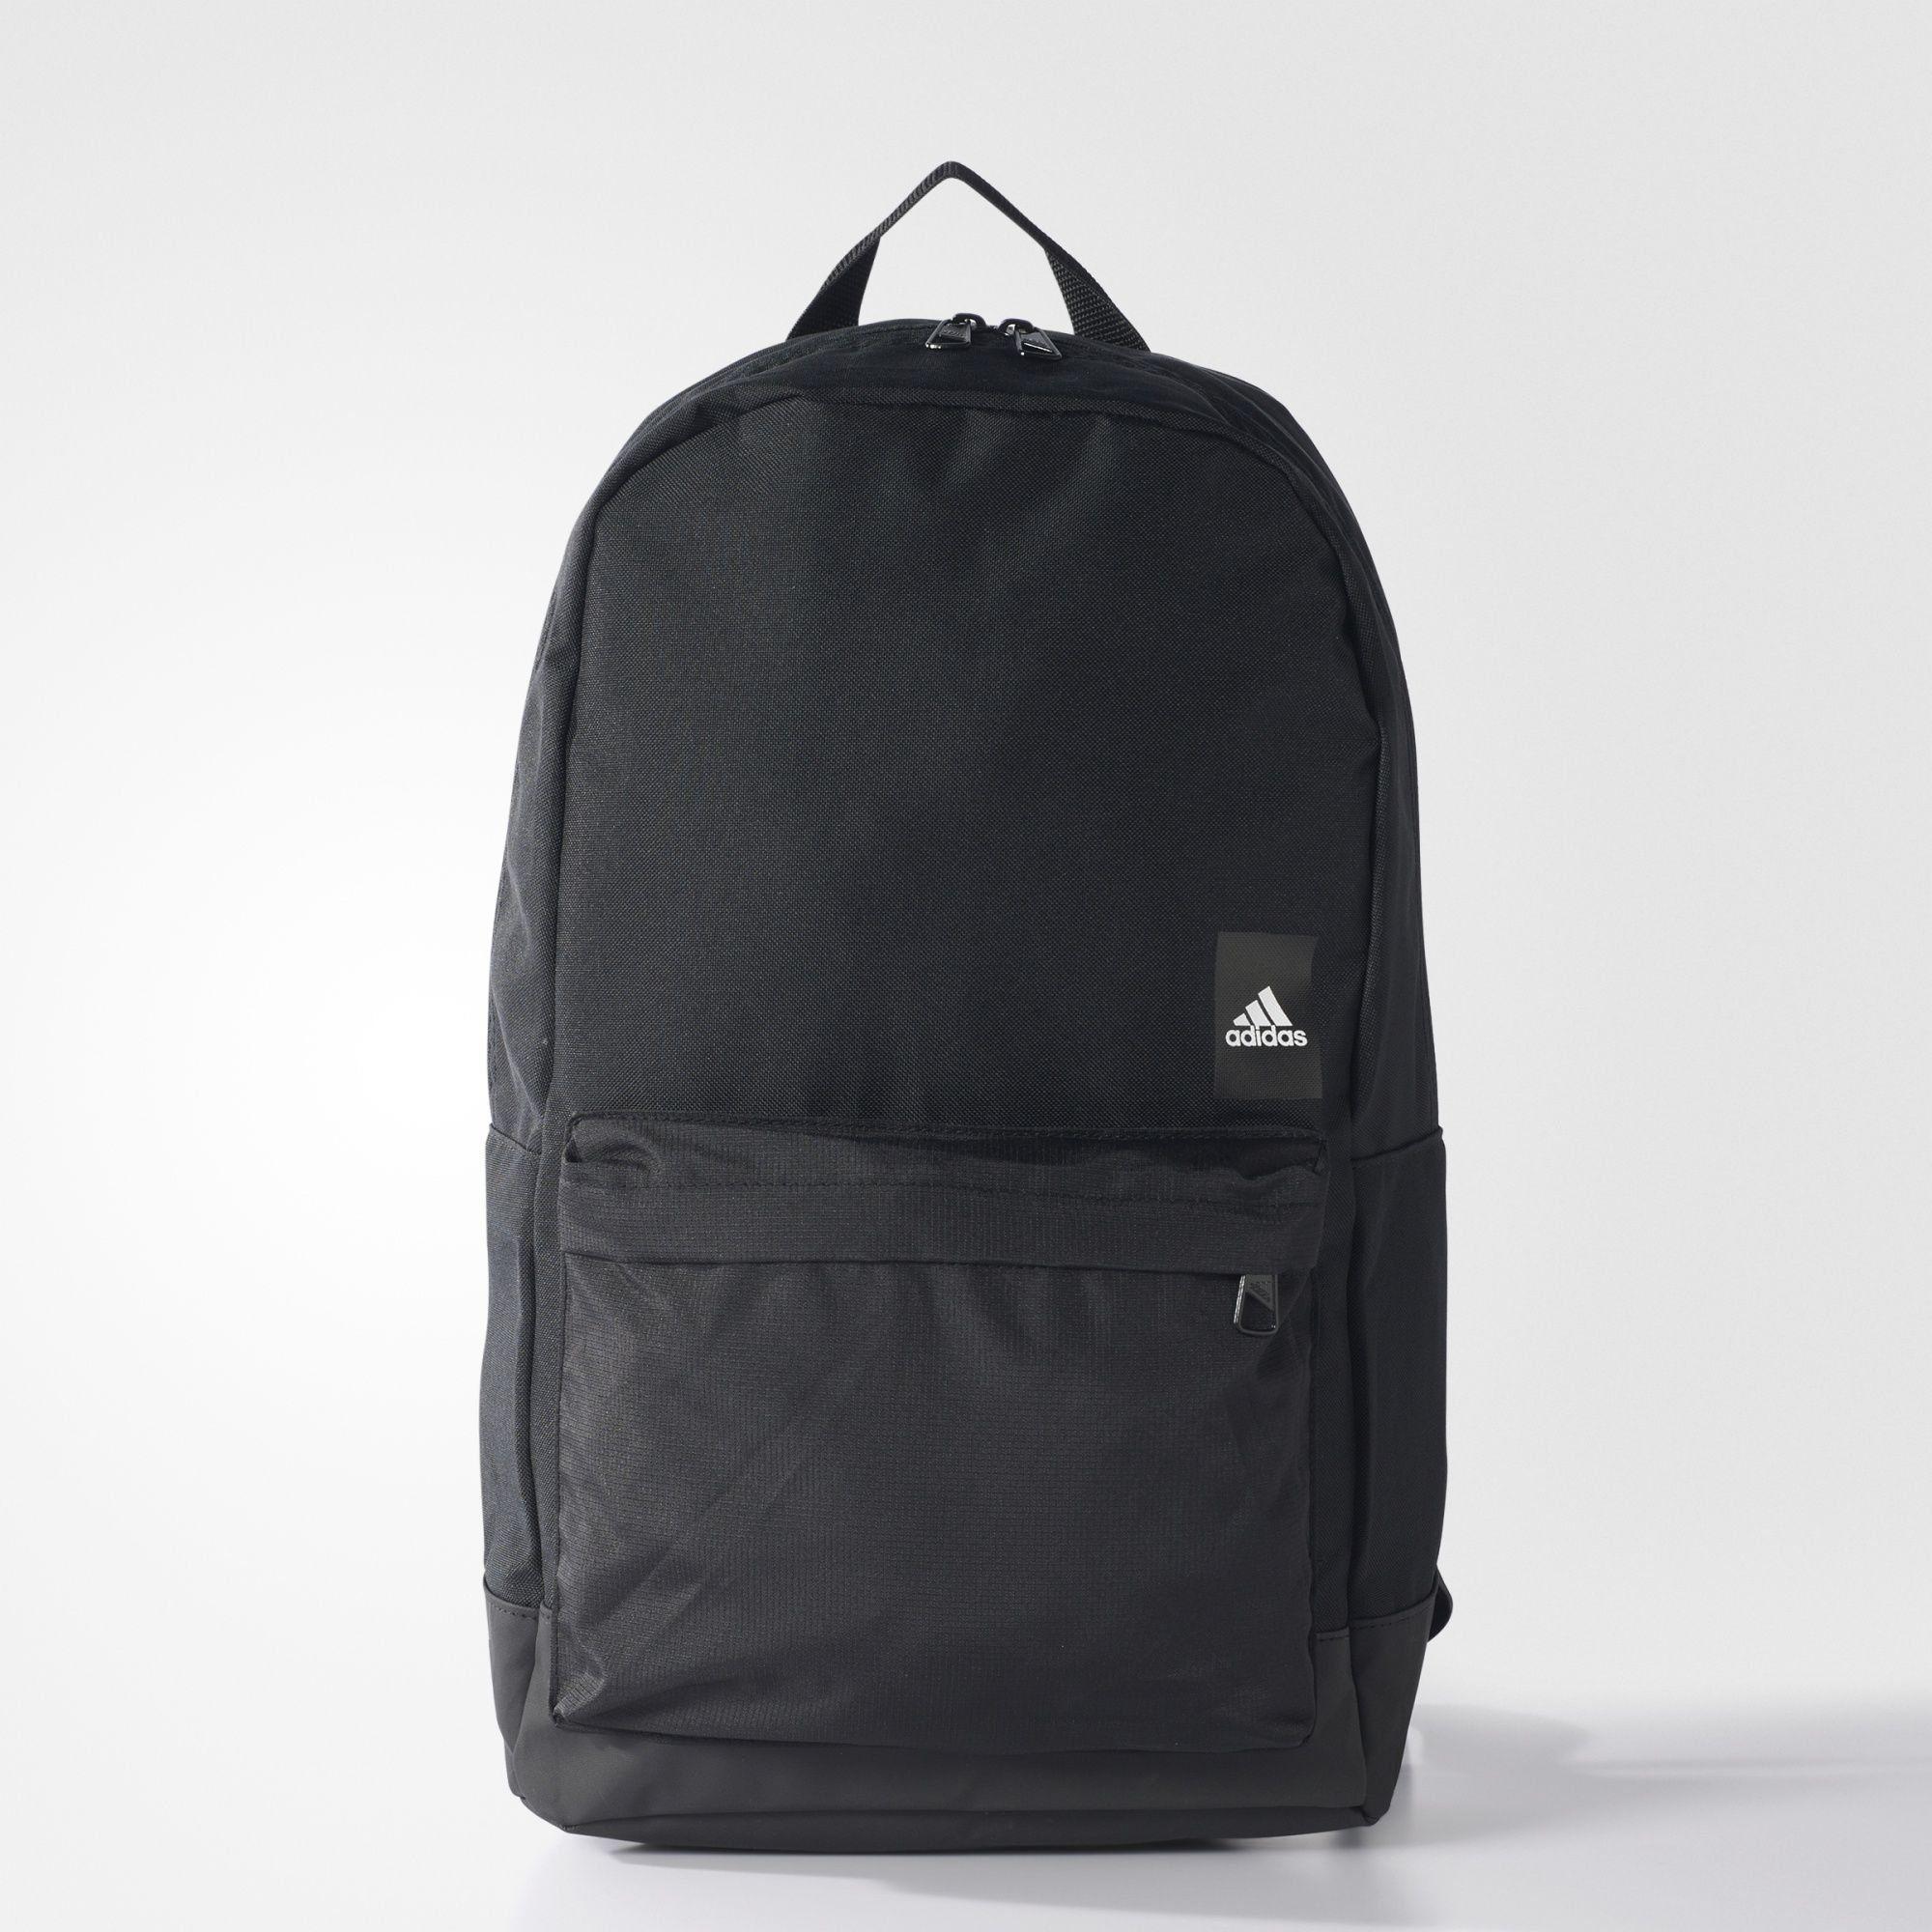 263fb542bb2bc Adidas Plecak SPORTOWY MIEJSKI Versatile WYGODNY - 7070949252 ...